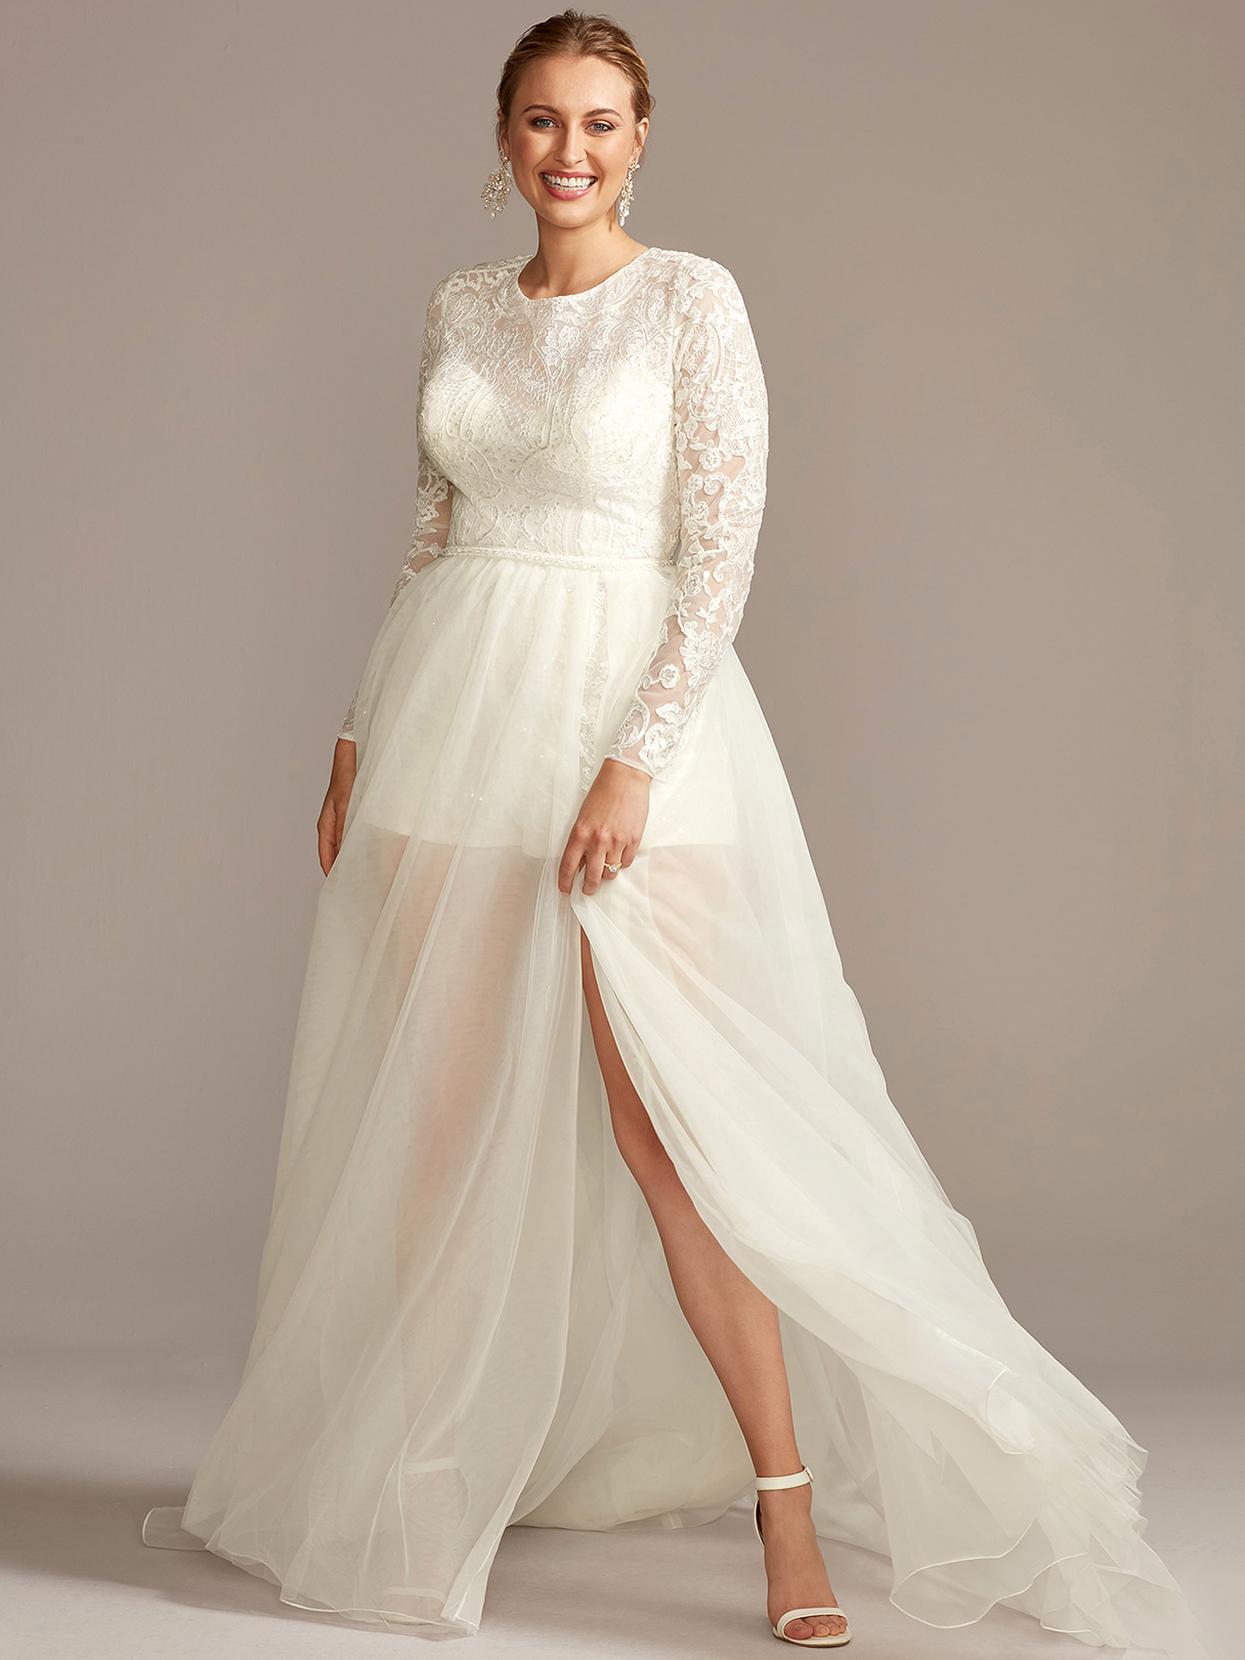 davids bridal galina long-sleeved sheer overlay wedding dress fall 2020